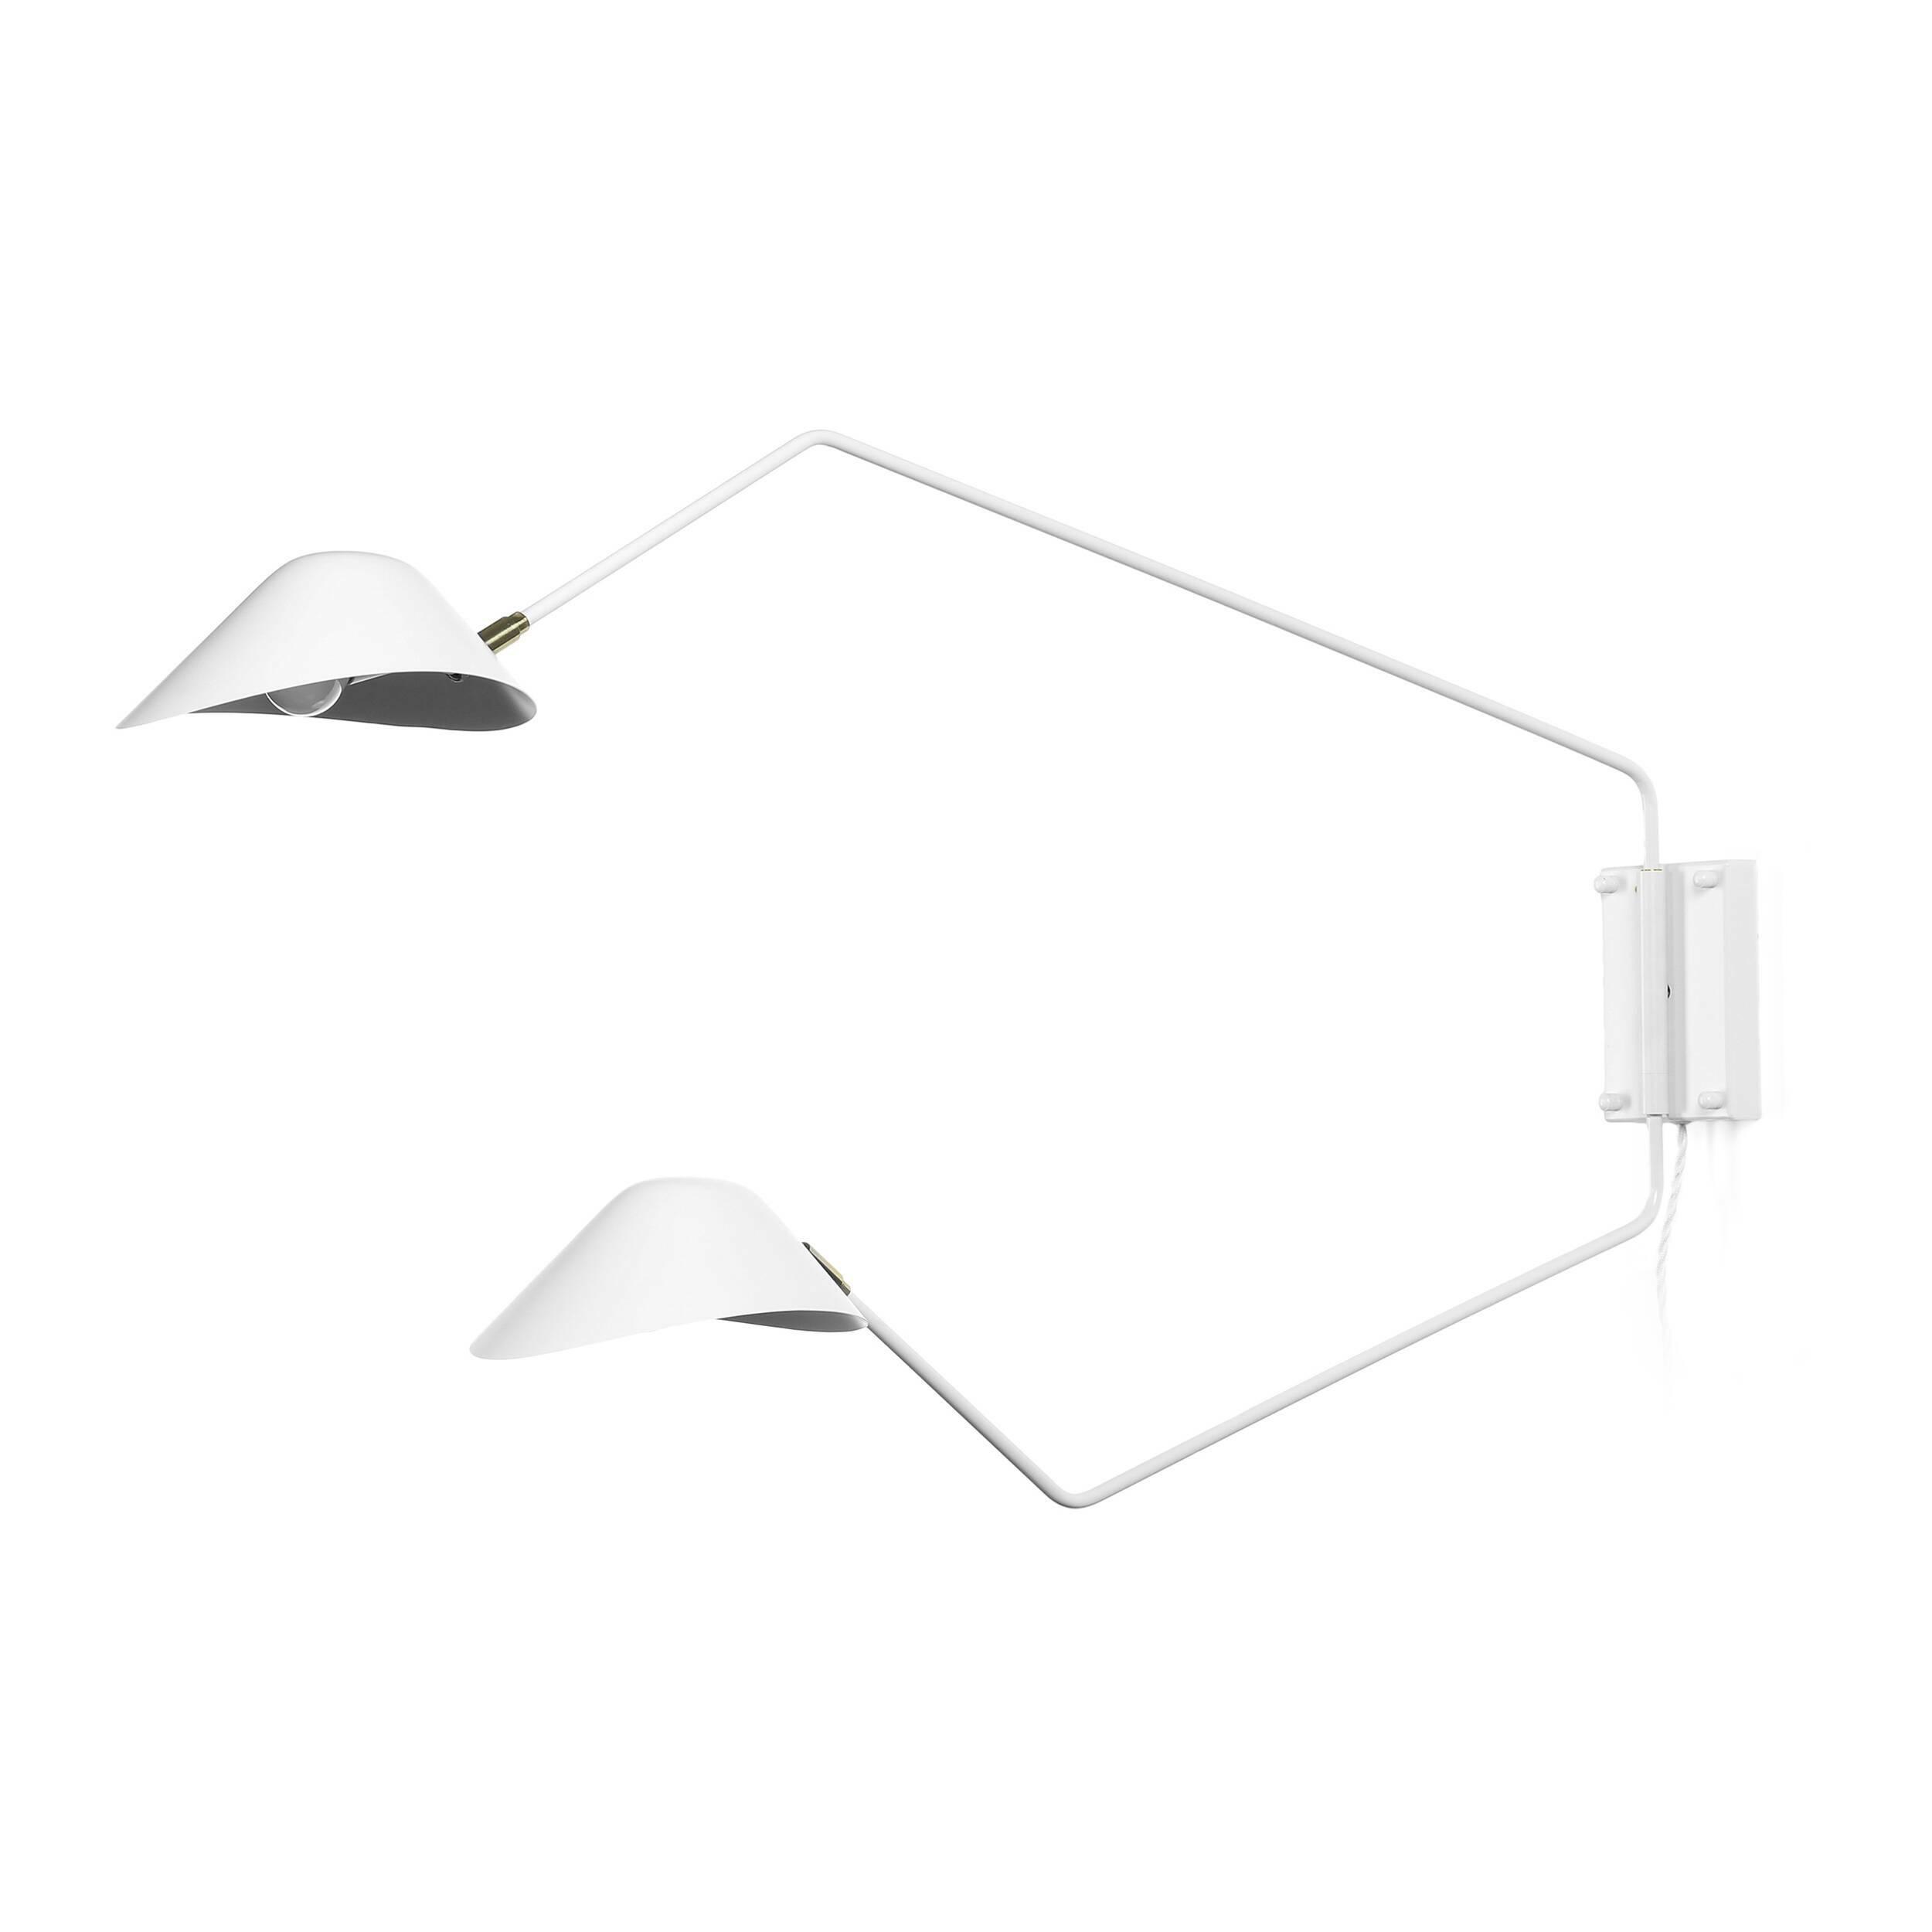 Настенный светильник Cosmo 14770872 от Cosmorelax